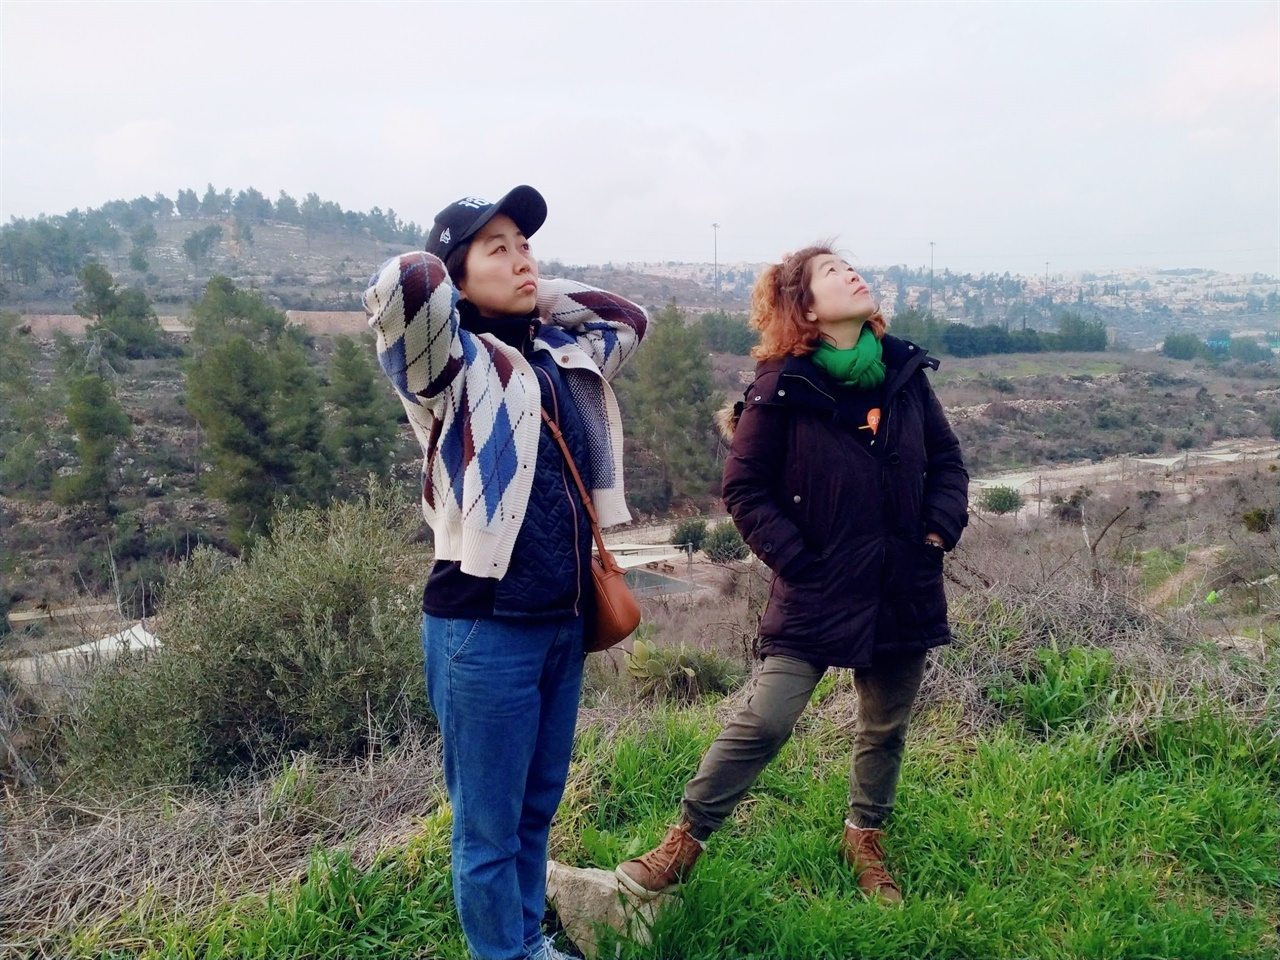 2020년 2월 예루살렘 인근, '리프타' 마을에서. 이스라엘은 1948년을 전후해 팔레스타인 마을을 부수고 원주민을 인종청소하며 건국됐다. 이스라엘은 난민들의 귀환을 금지한 채 이 마을을 자연공원으로 쓰고 있다.